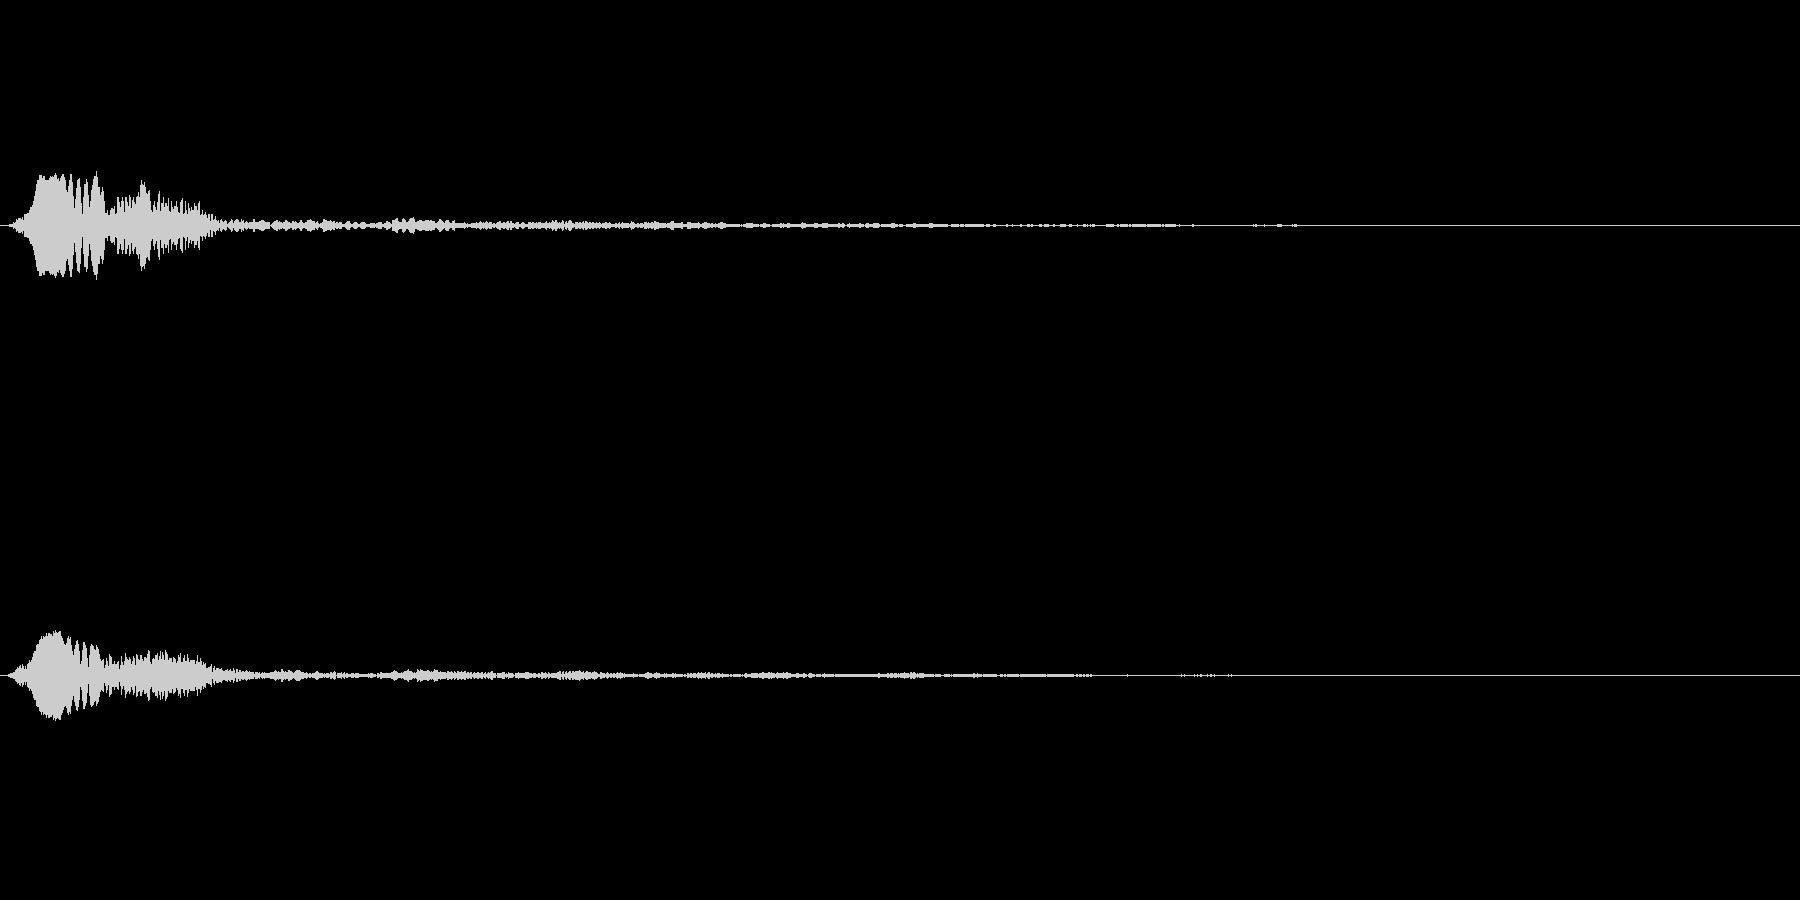 キャンセル 和風01の未再生の波形